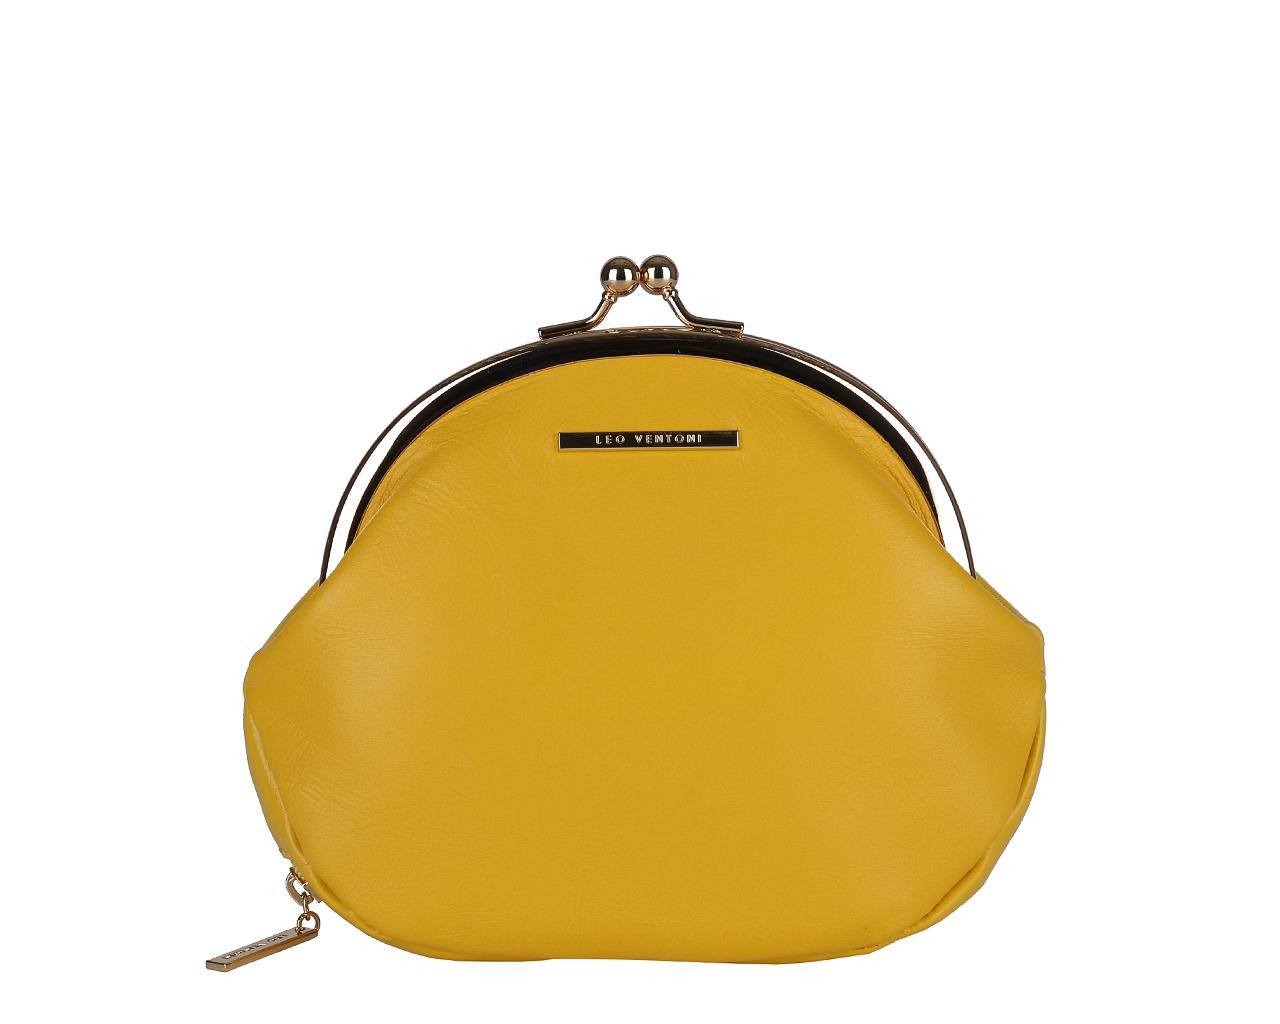 Кошелек женский Leo Ventoni, цвет: желтый. L330768L330768 yellowЭлегантный кошелек Leo Ventoni выполнен из натуральной кожи с зернистой фактурой и оформлен металлической фурнитурой с символикой бренда, внутренняя часть изделия выполнена из текстиля и натуральной кожи. Изделие закрывается на рамочный замок. Кошелек содержит одно вместительное отделение. Снаружи, в дне изделия, размещен врезной карман, внутри которого расположена цепочка с кольцом для ключей. Изделие поставляется в фирменной упаковке. Стильный кошелек Leo Ventoni станет отличным подарком для человека, ценящего качественные и практичные вещи.